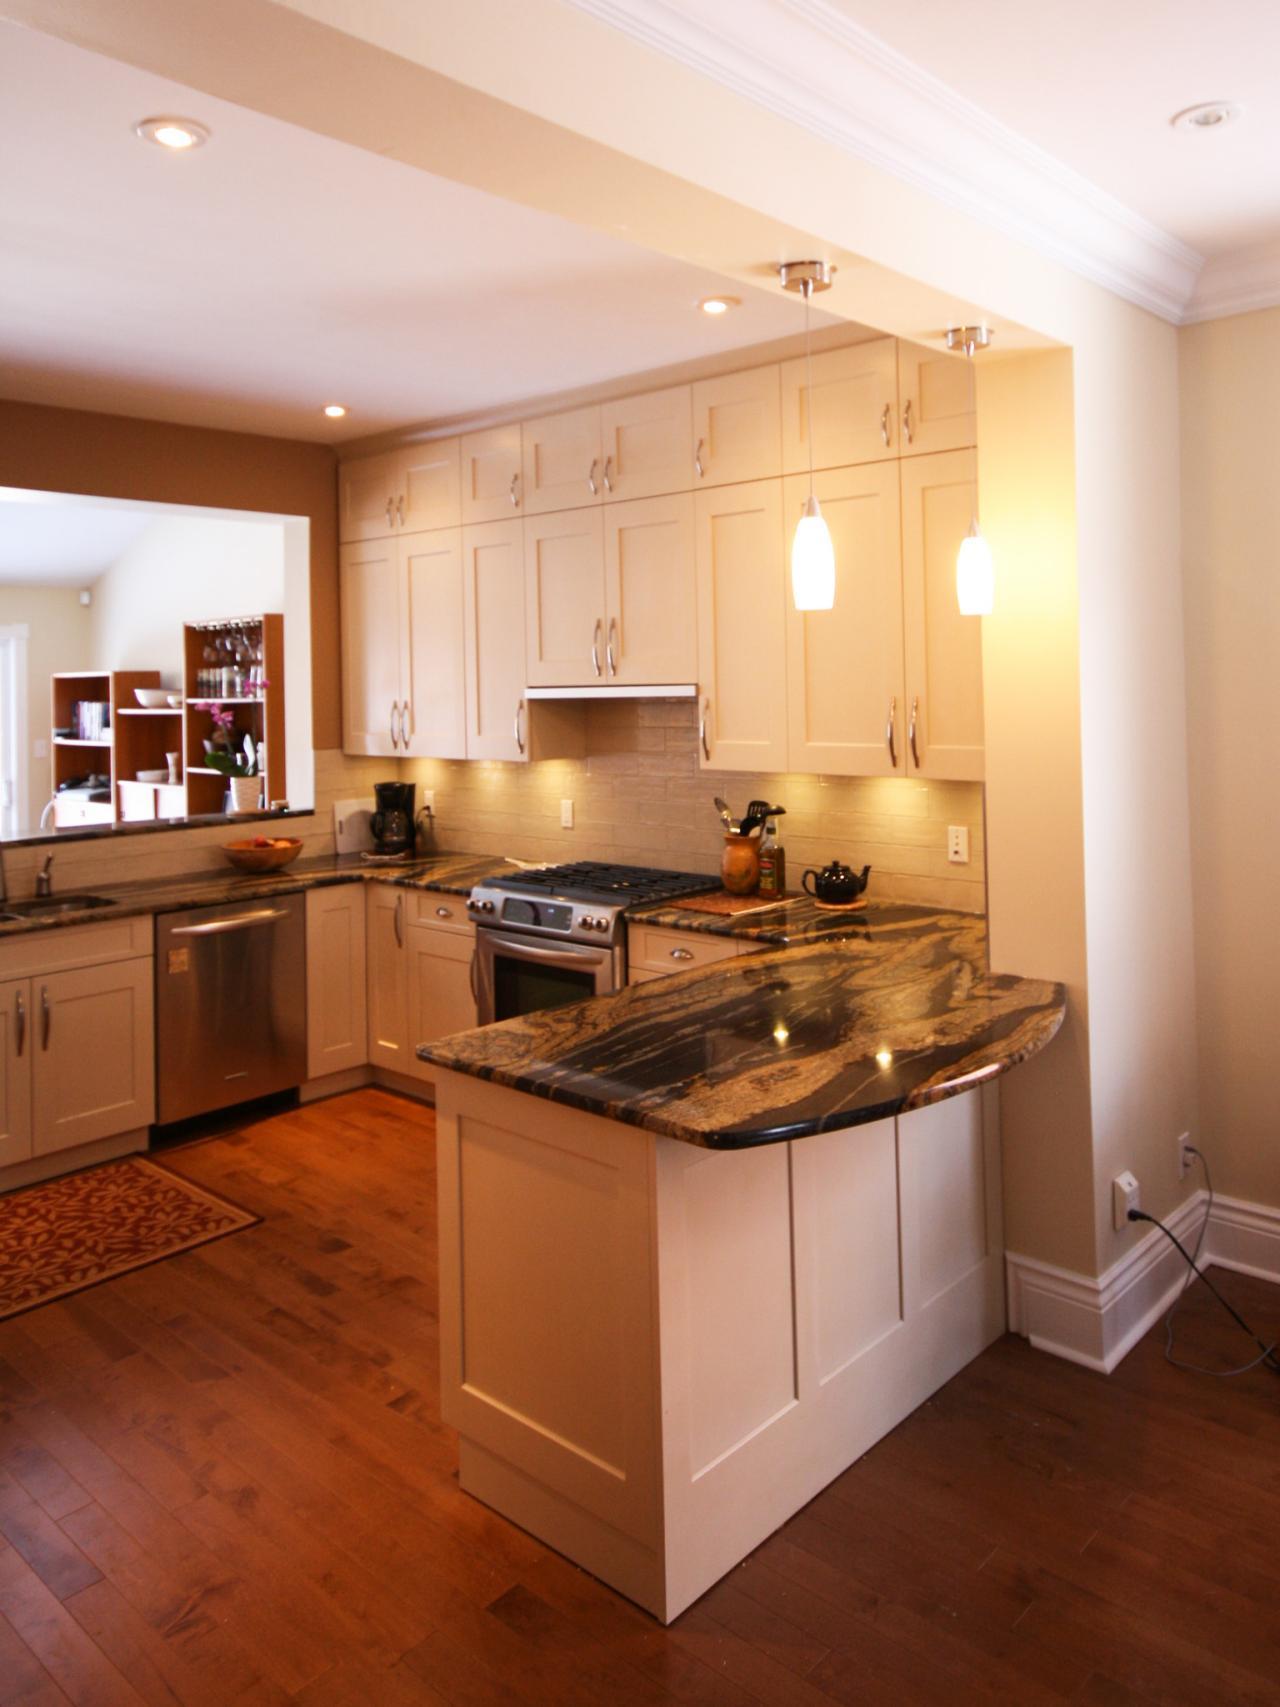 u shaped kitchen photo - 4